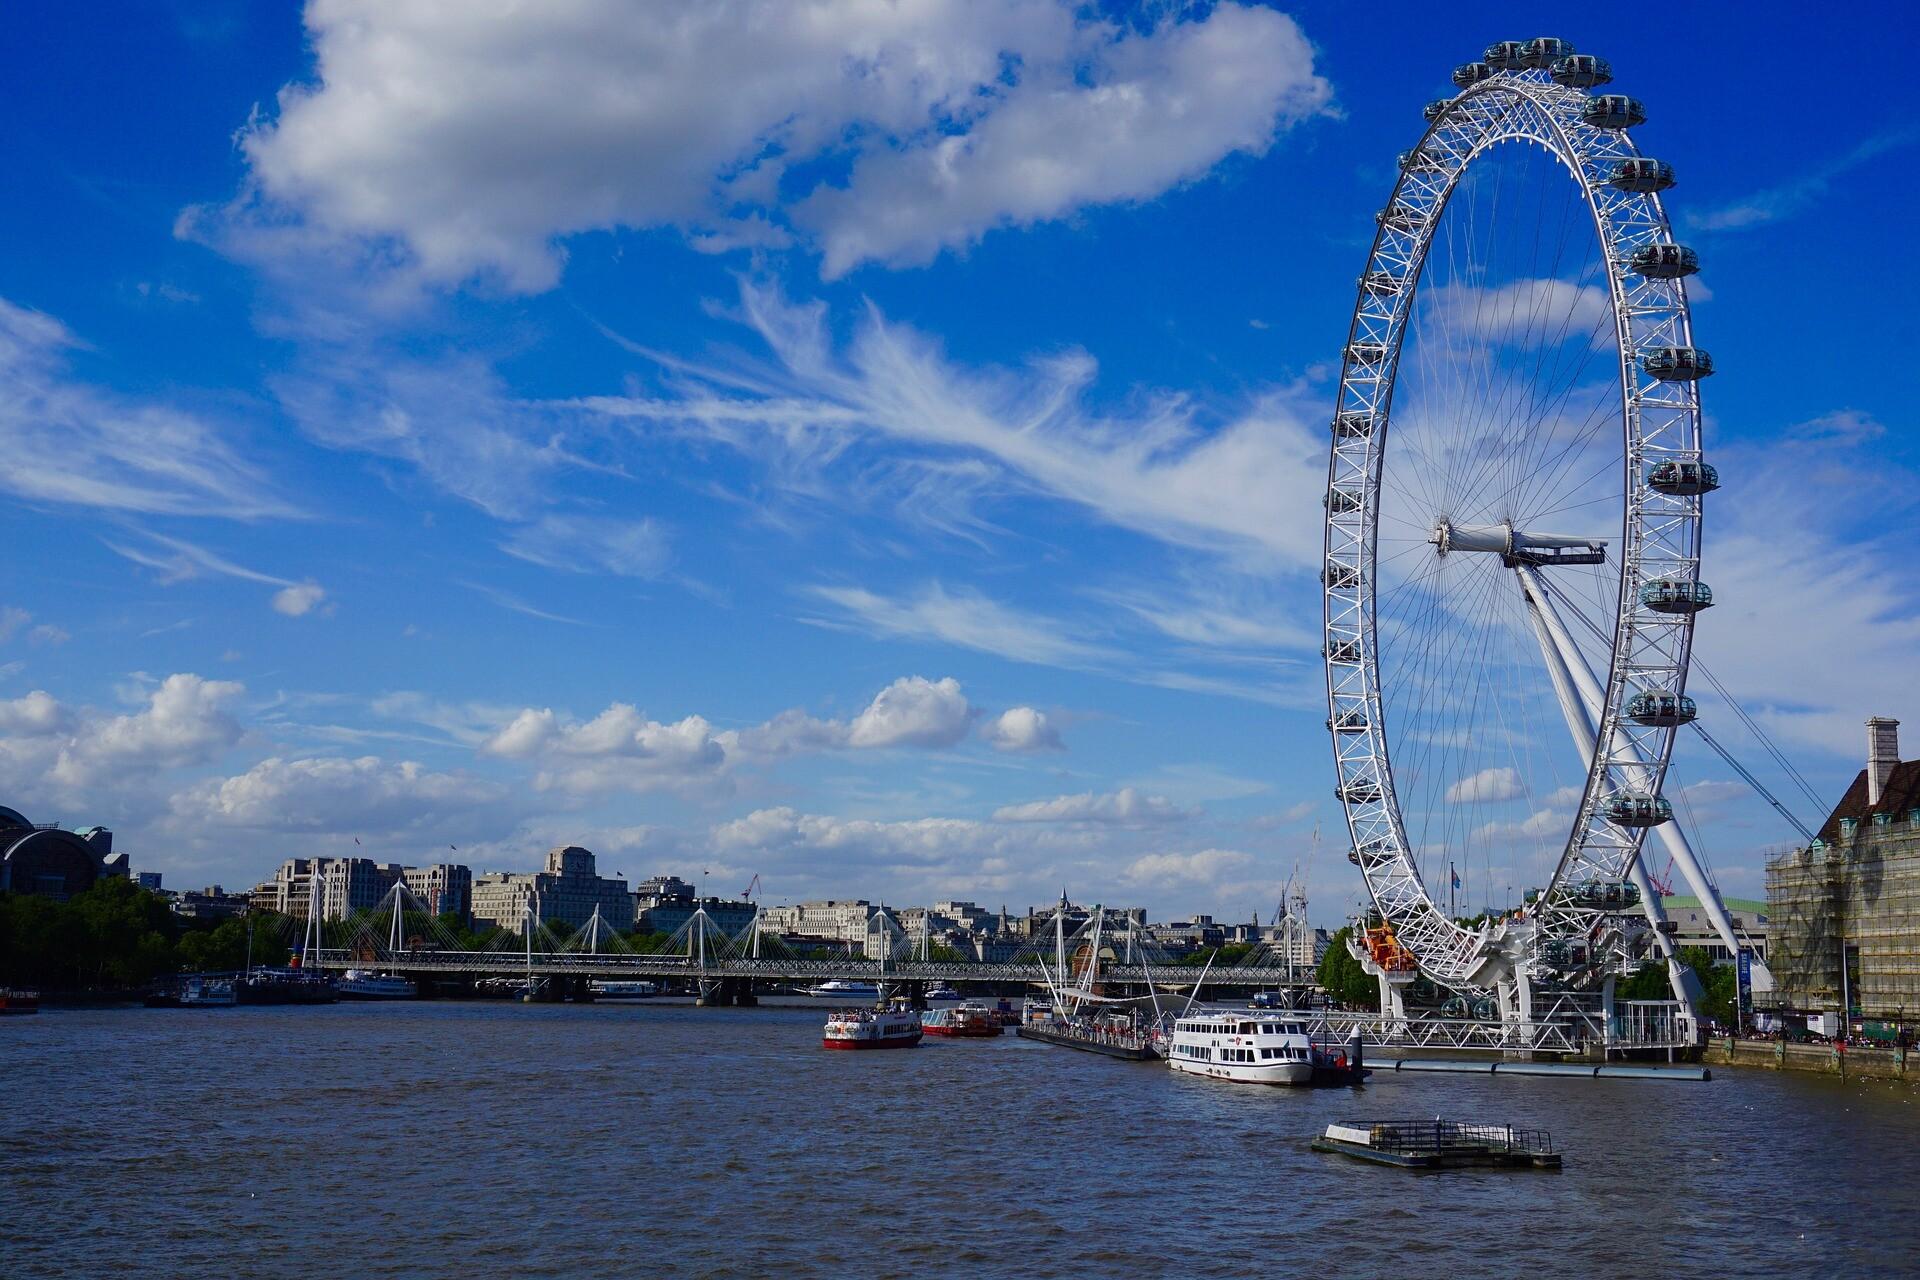 Principales atracciones turísticas de Londres - Lo mejor para hacer en Londres (Parte I)